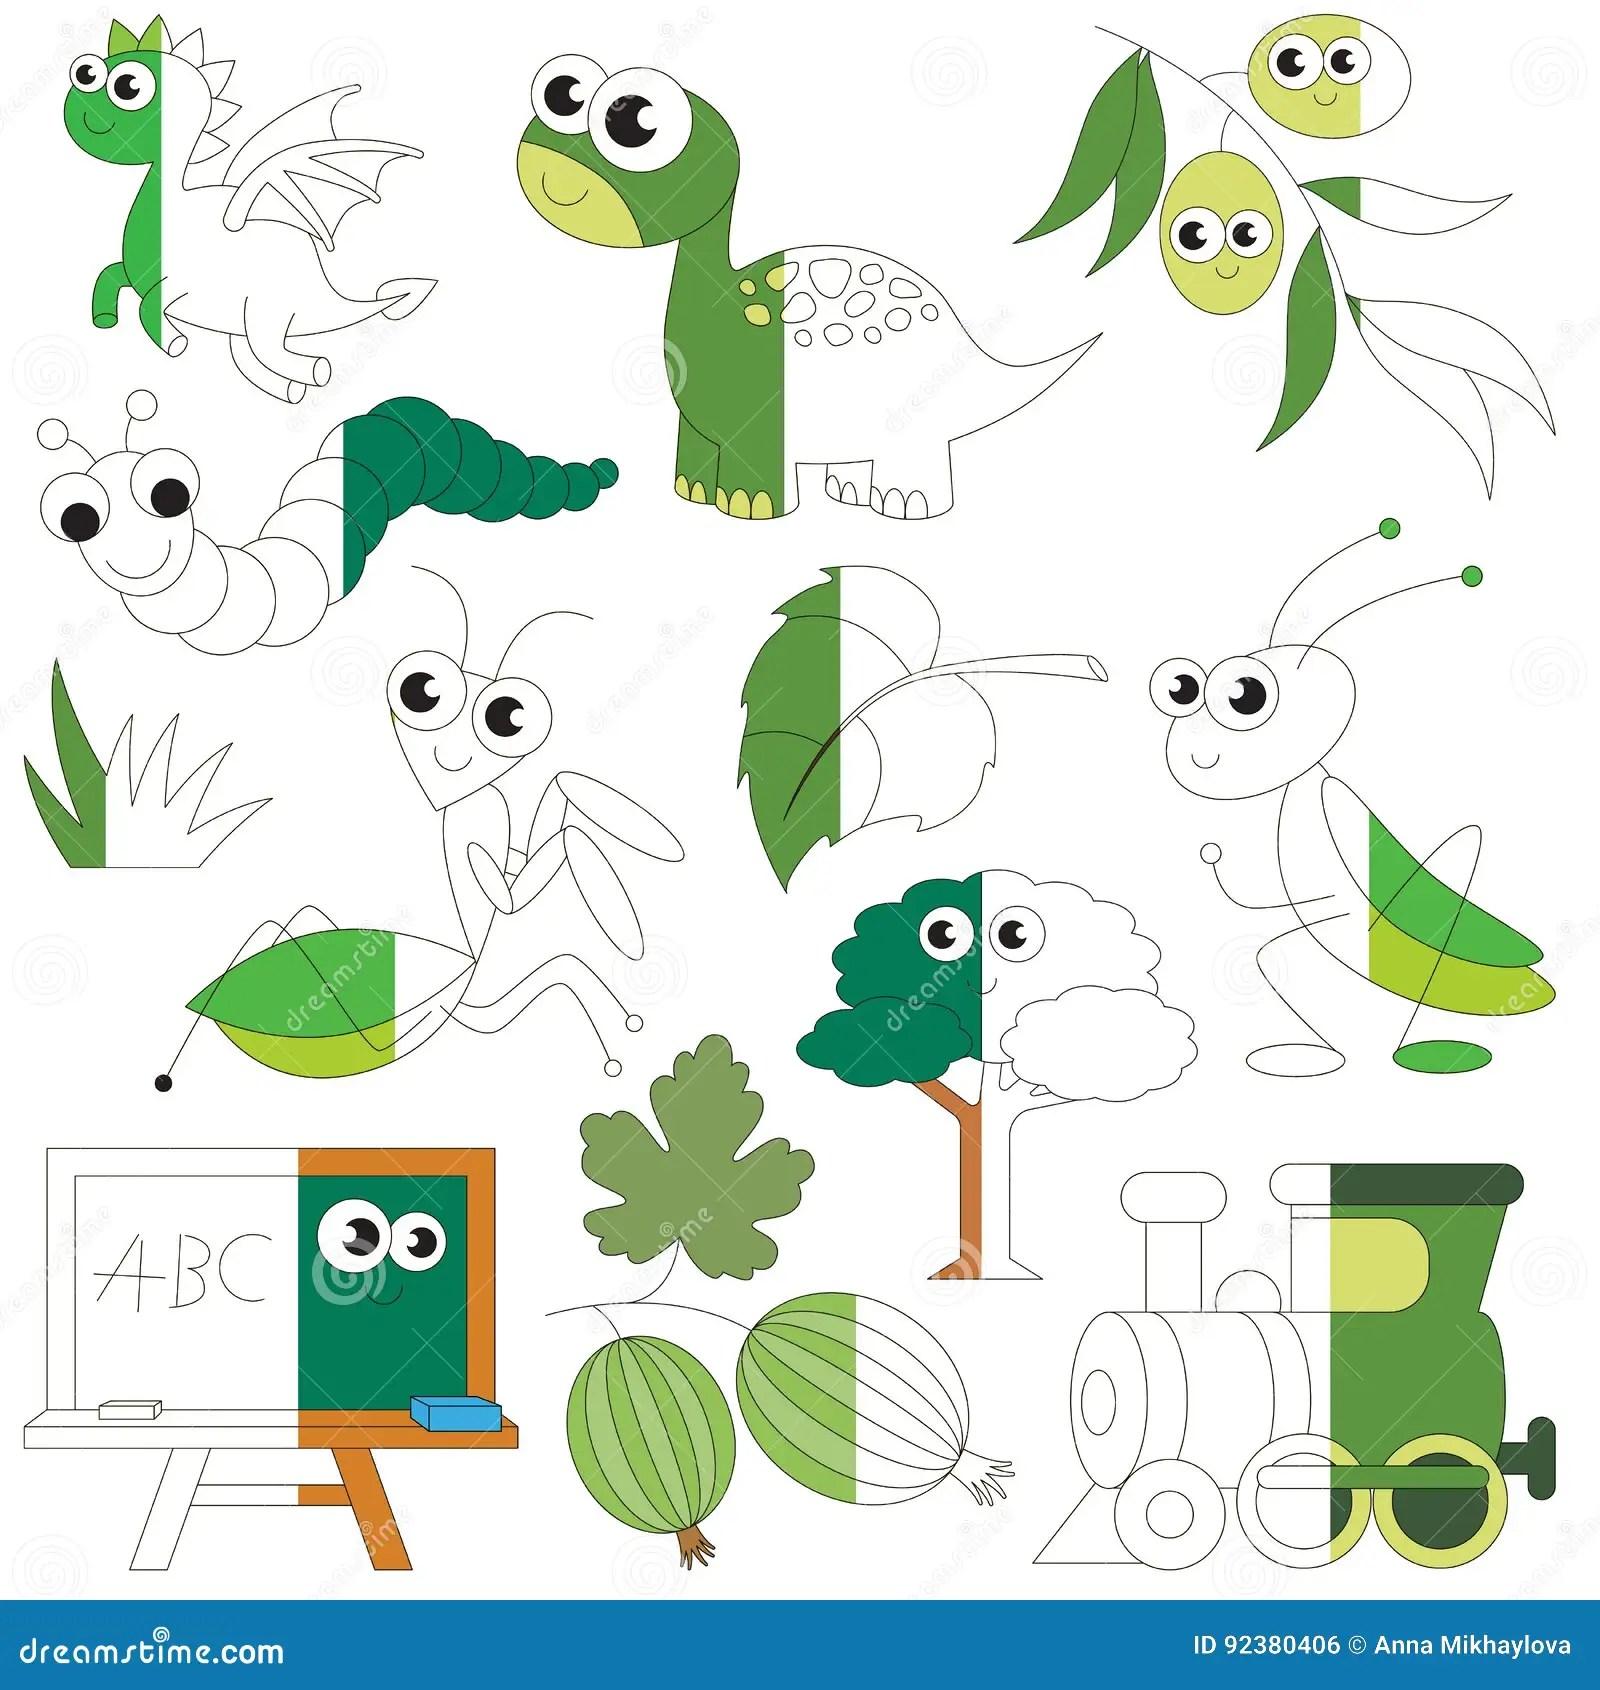 Il Colore Verde Obietta Il Grande Gioco Del Bambino Da